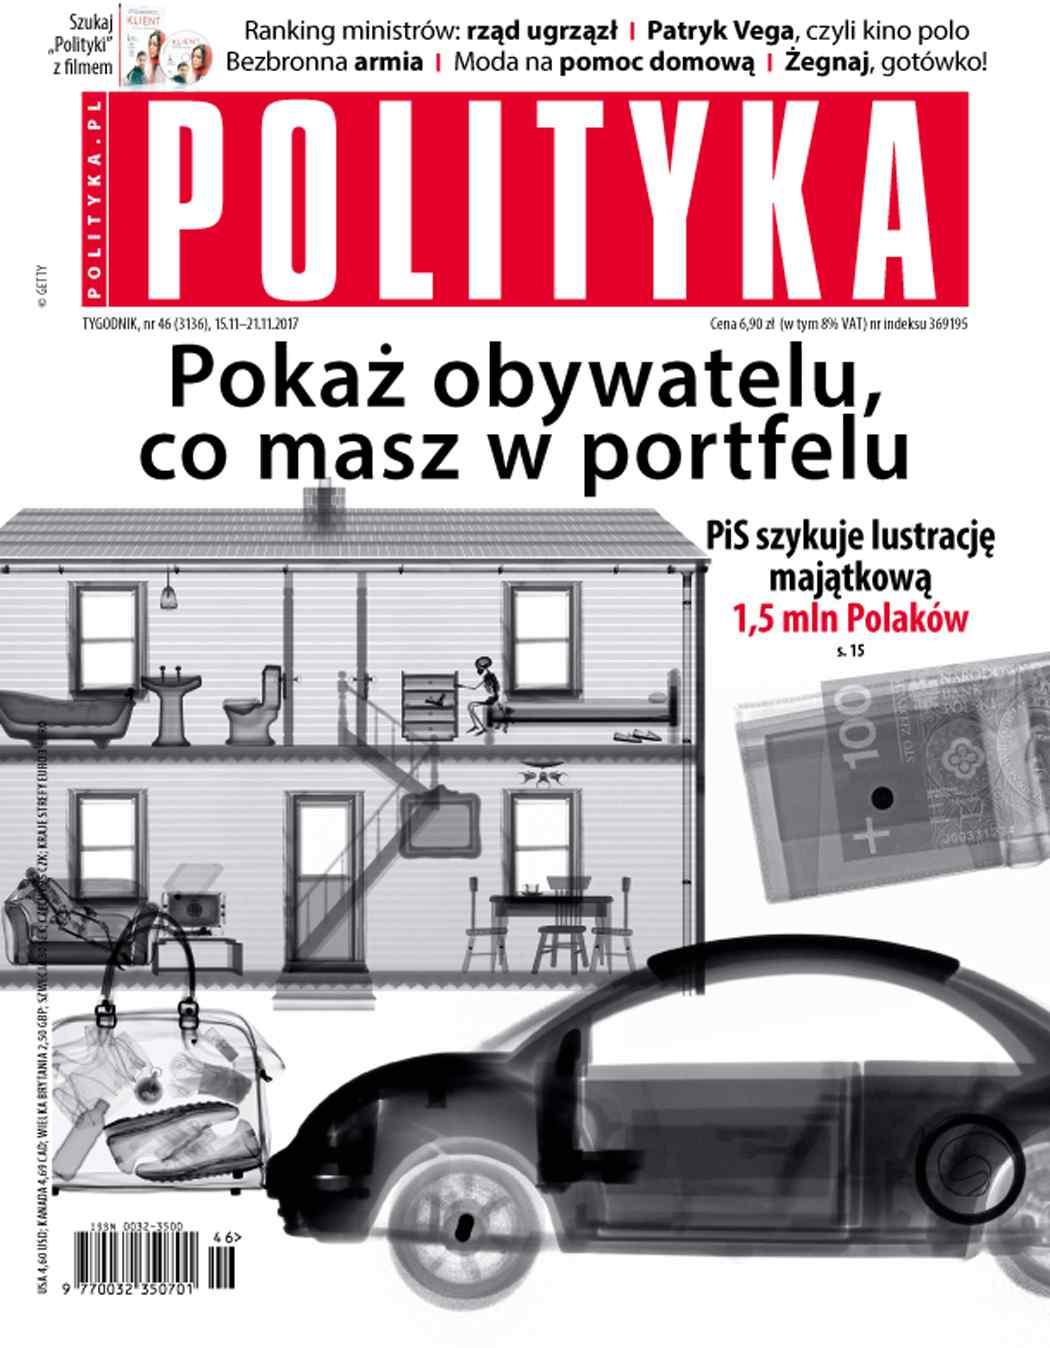 Polityka nr 46/2017 - Ebook (Książka PDF) do pobrania w formacie PDF